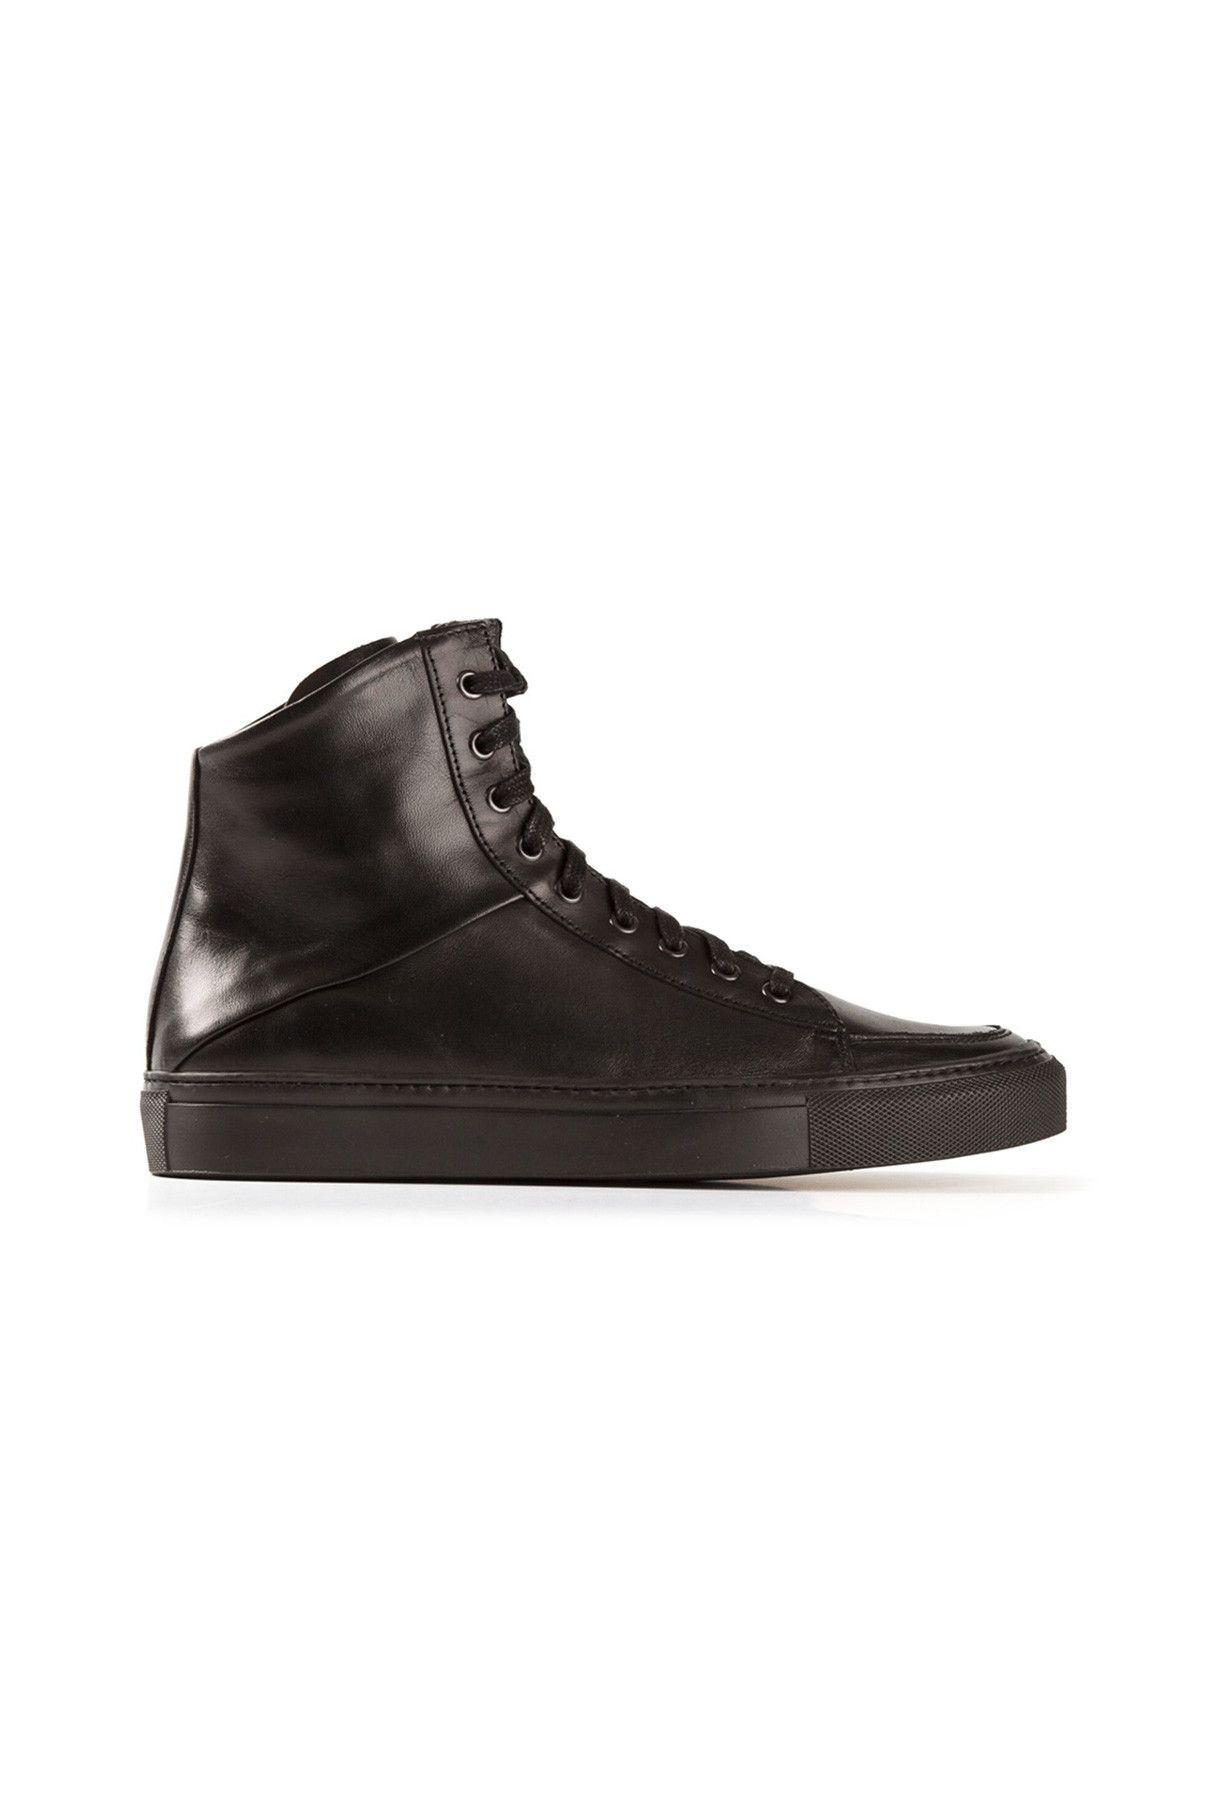 {Silent by Damir Doma / 02 shoe / 06 sneaker} Sine Hi-Top Sneakers